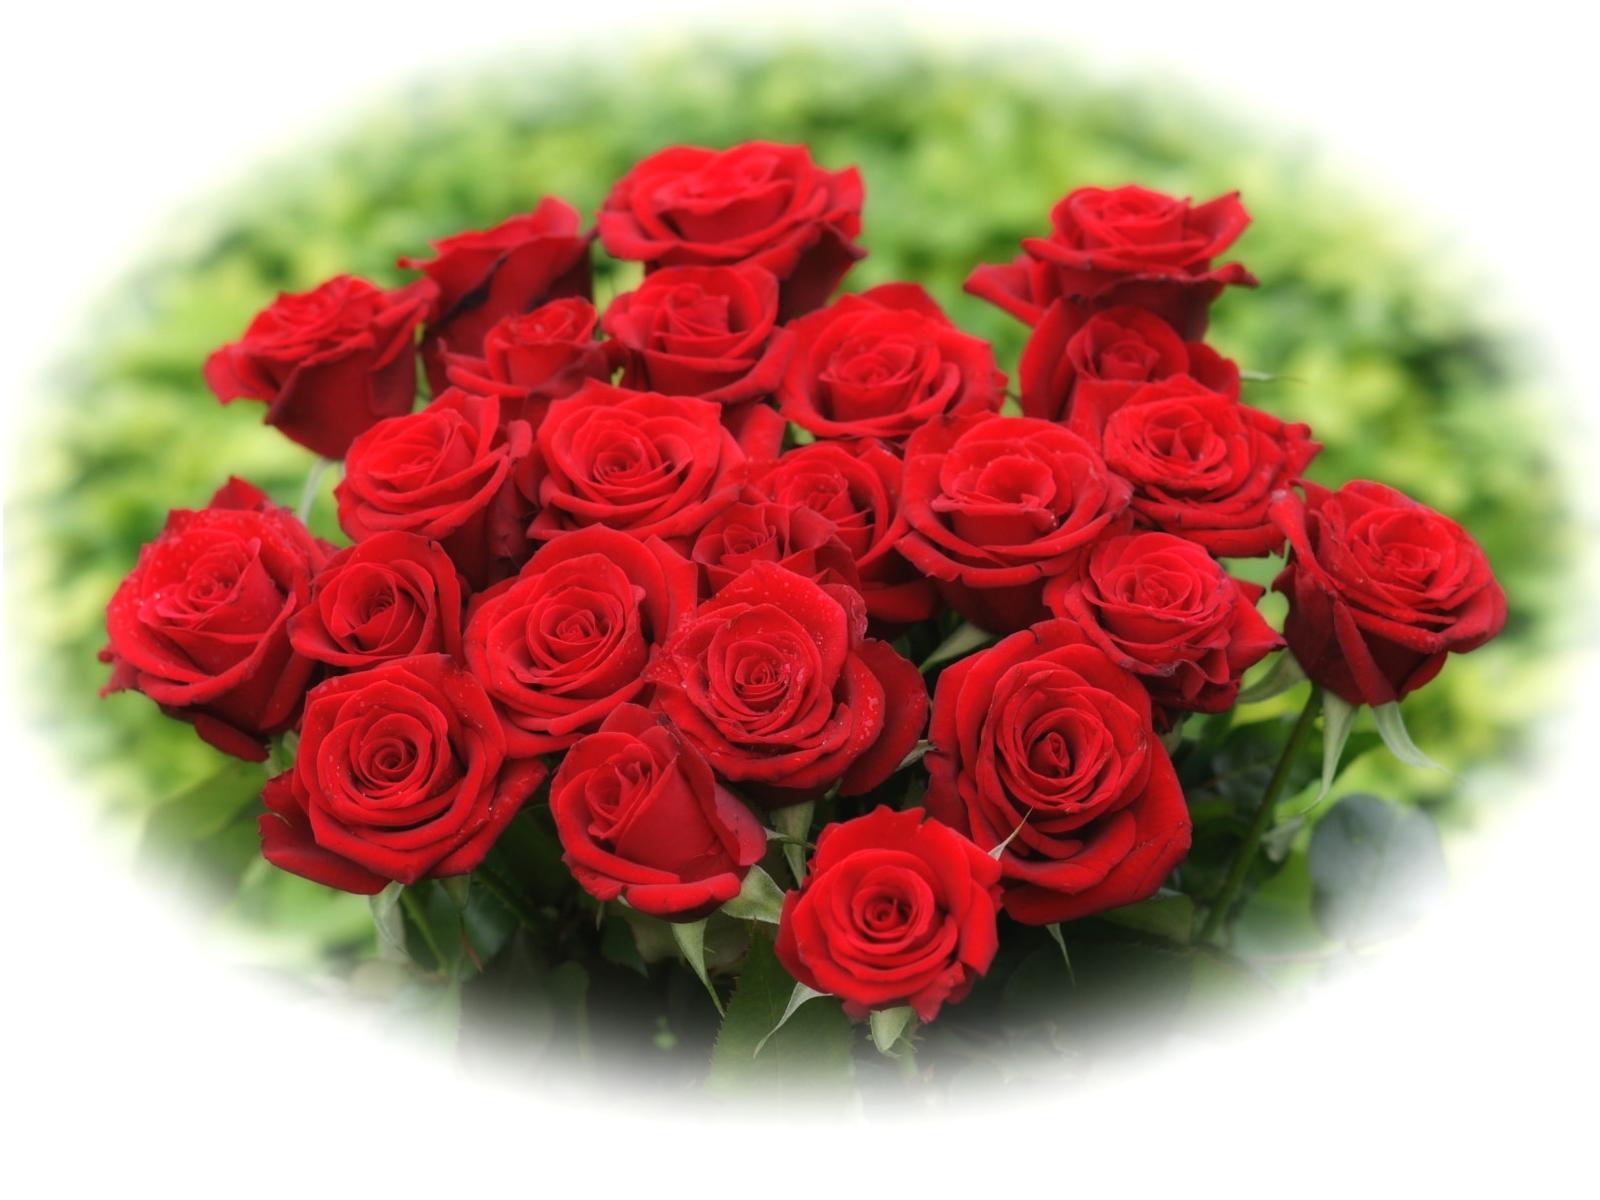 Beautiful red rose wallpaper wallpapersafari - Beautiful red roses wallpapers desktop ...